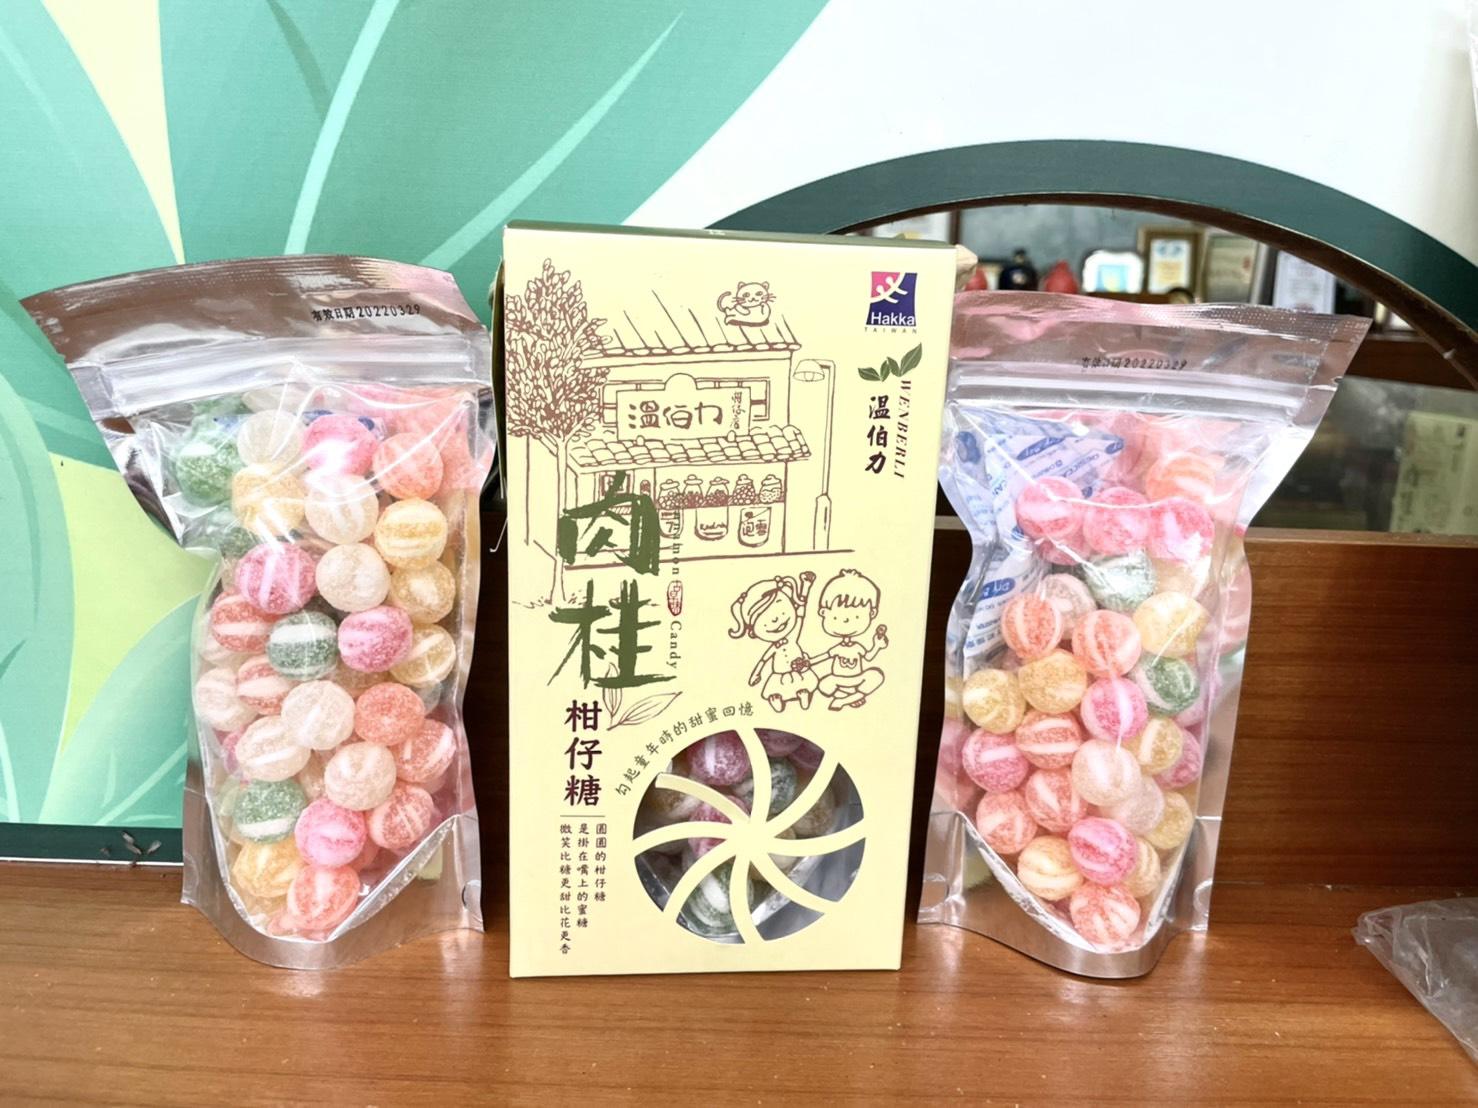 肉桂柑仔糖(五行糖)(2021/03/29 又上市了)